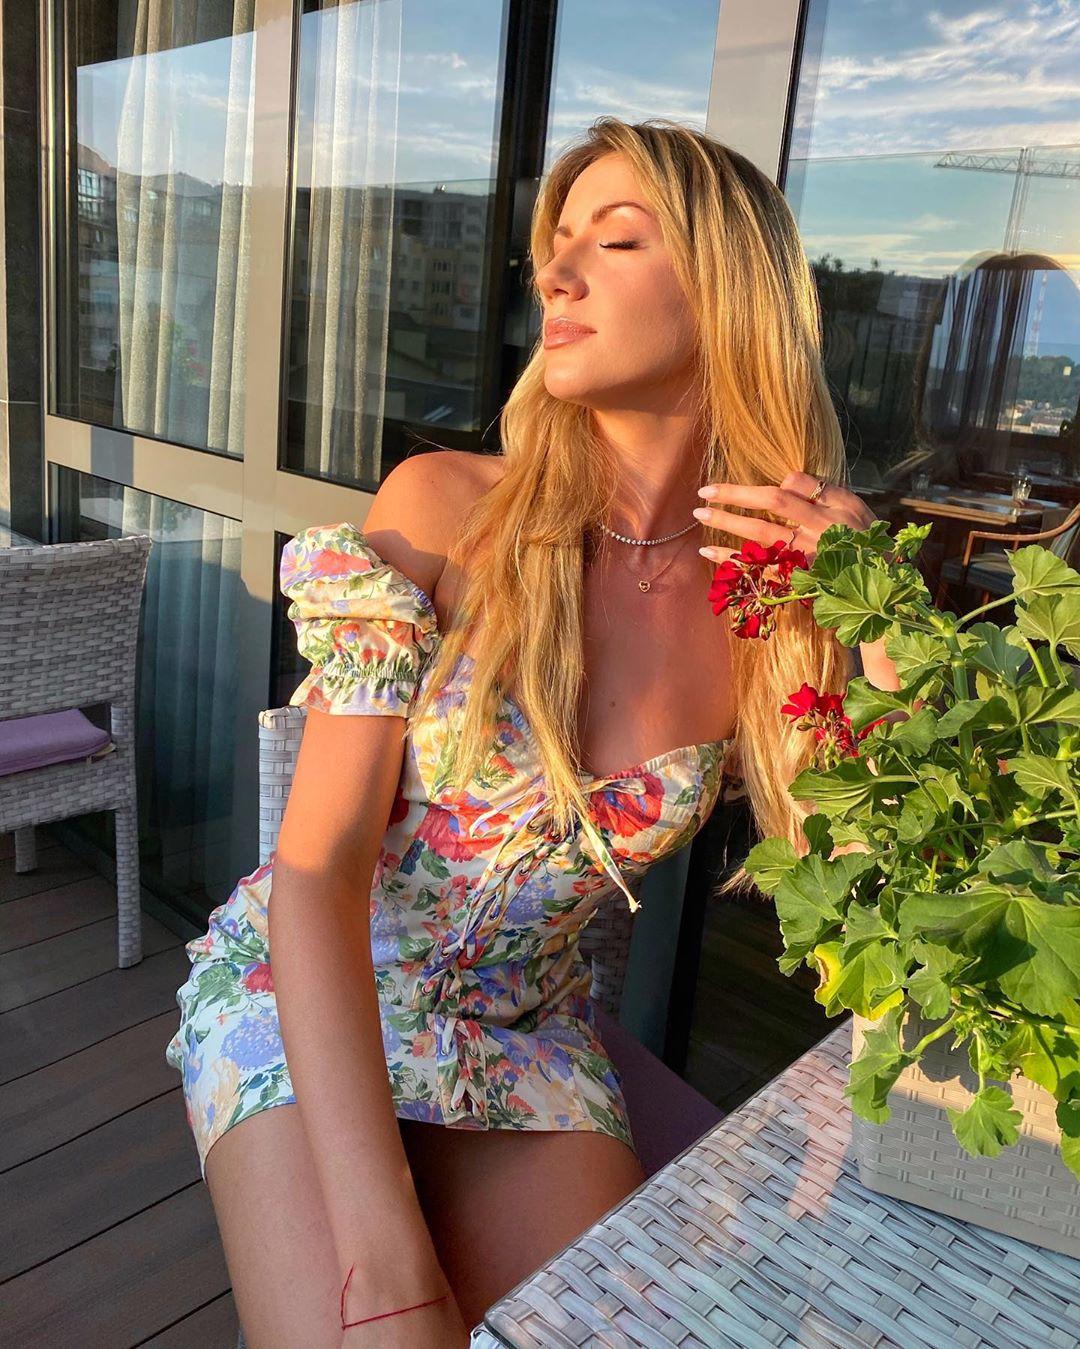 Манящая Леся Никитюк показала аппетитный бюст в мини-платье с цветочным принтом